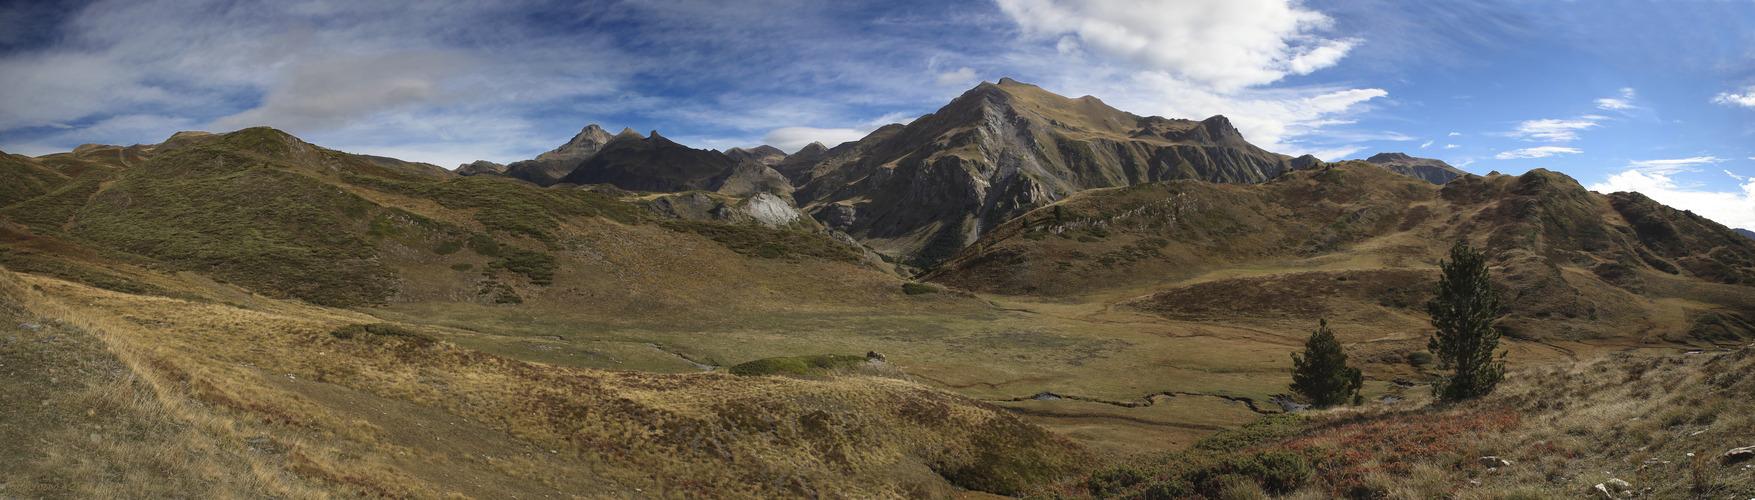 Tuc d'Areno a 2.522 m ( Val d'Aran Lleida Catalunya )